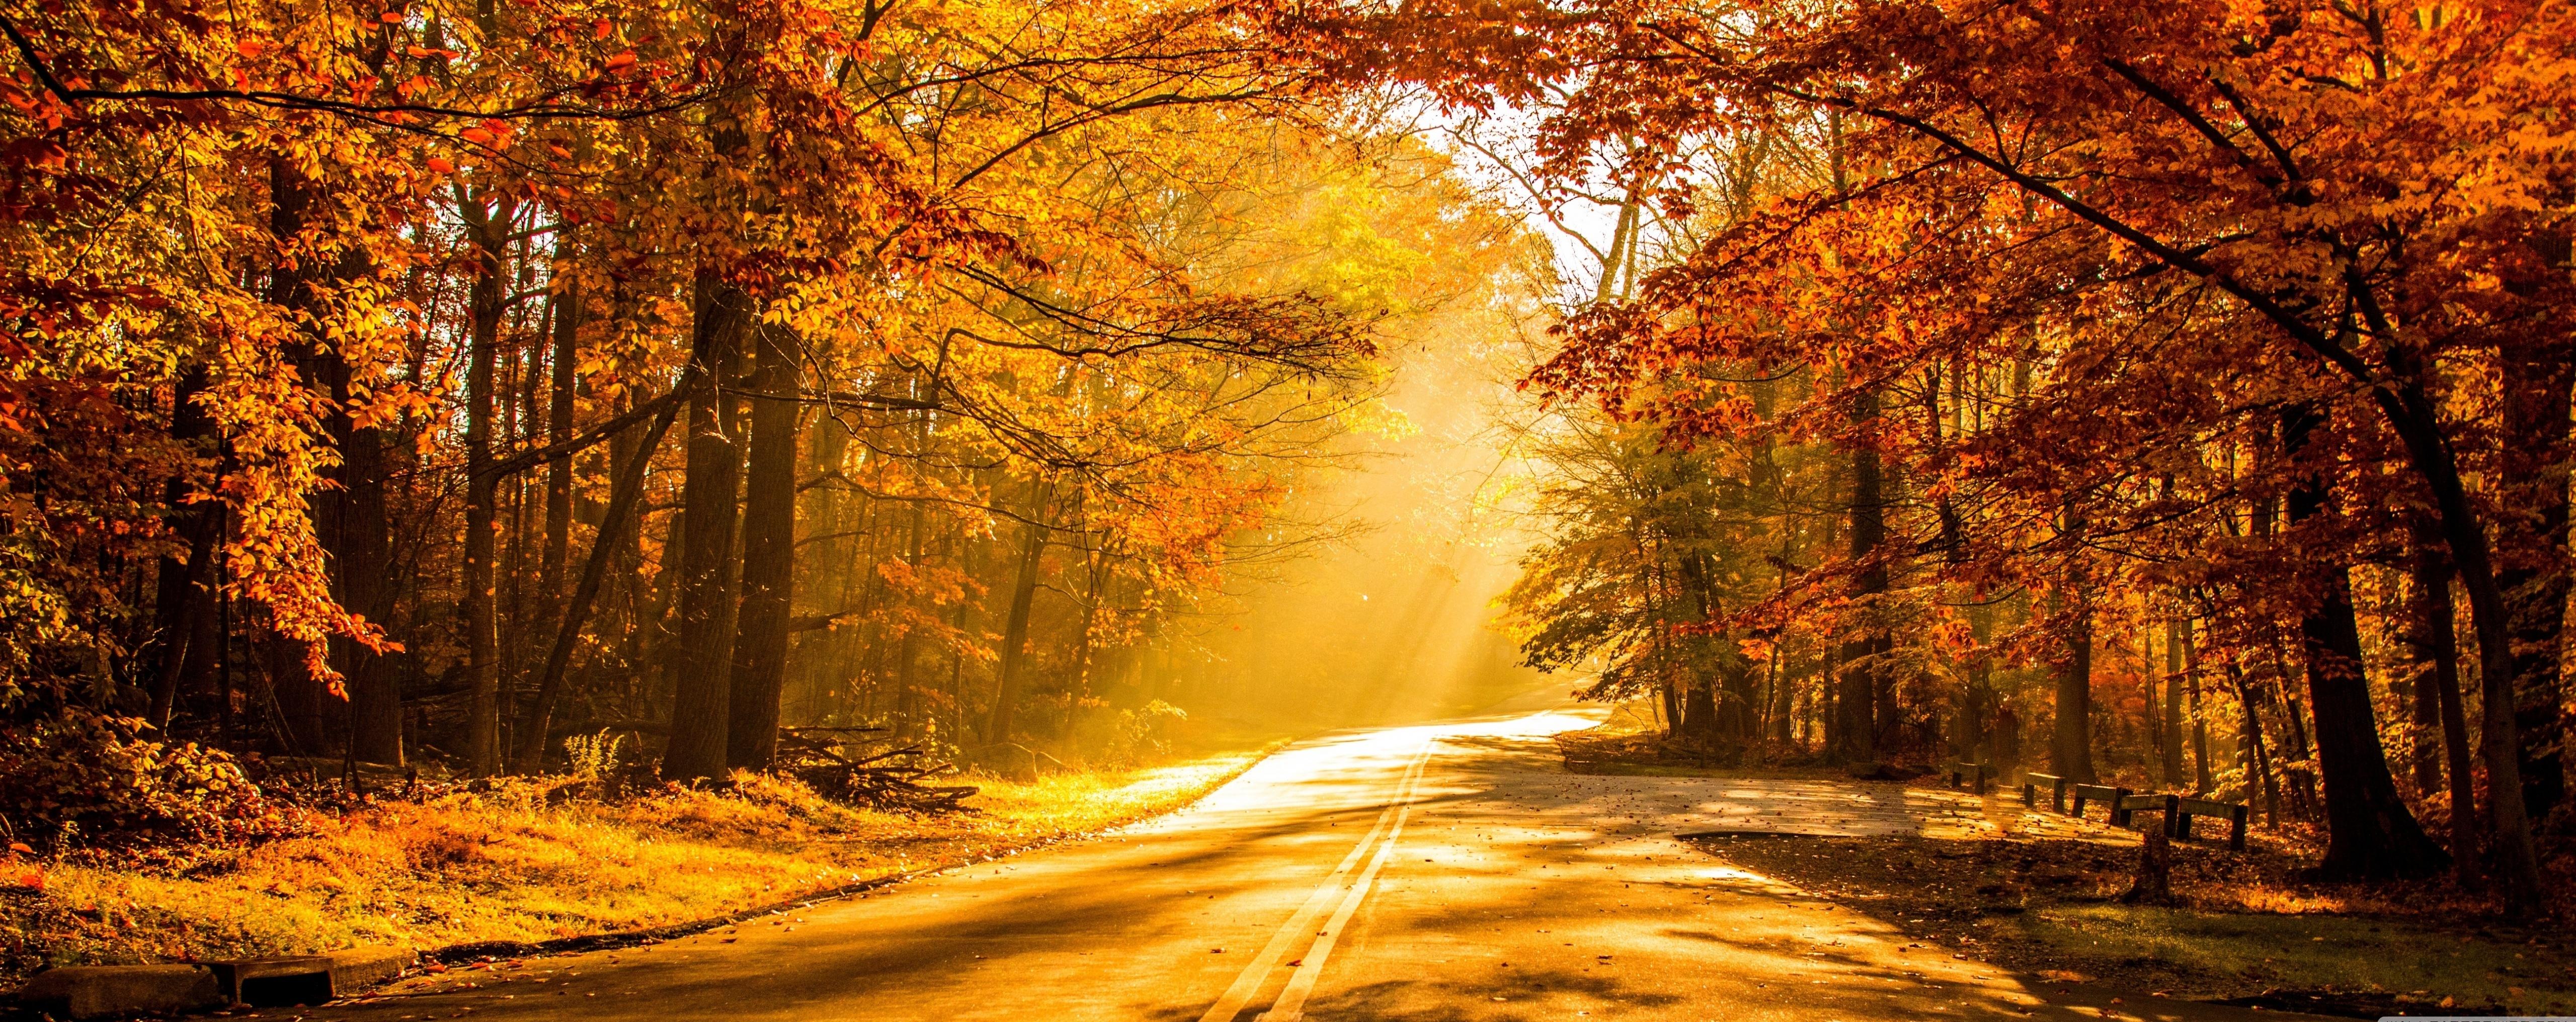 fall wallpapers golden Autumn